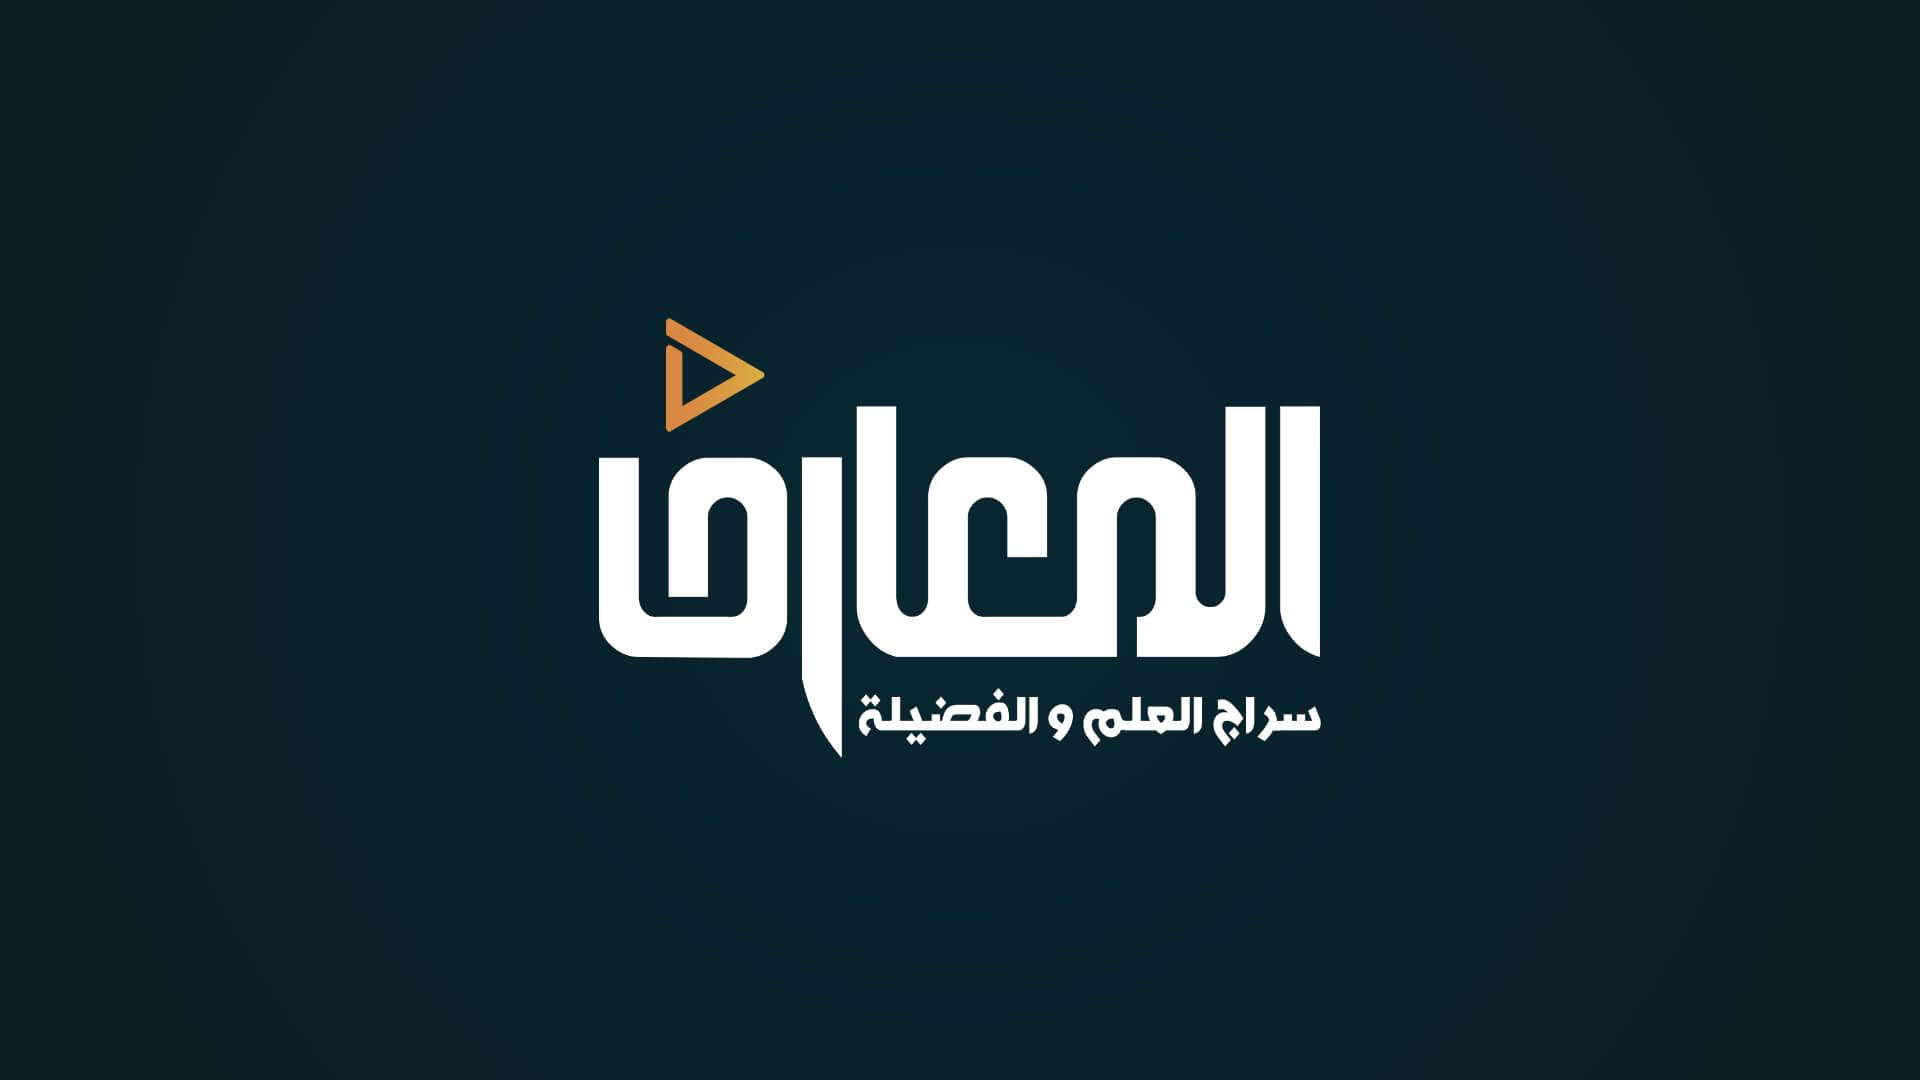 صورة تردد قناة المعارف , تردد المعارف علي النيل سات